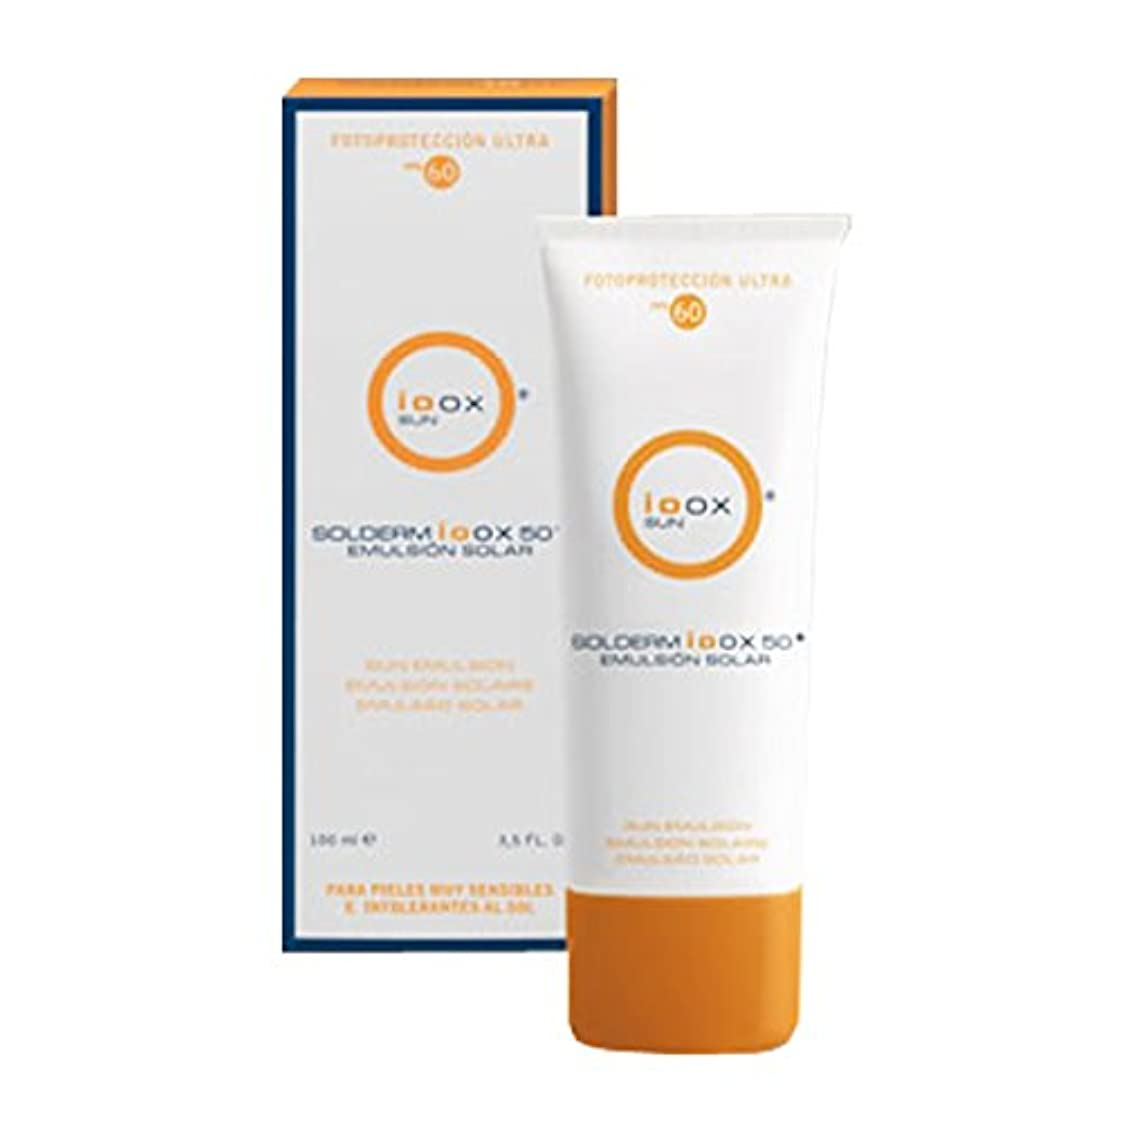 Ioox Solderm Emulsion Spf 50+ 100ml [並行輸入品]